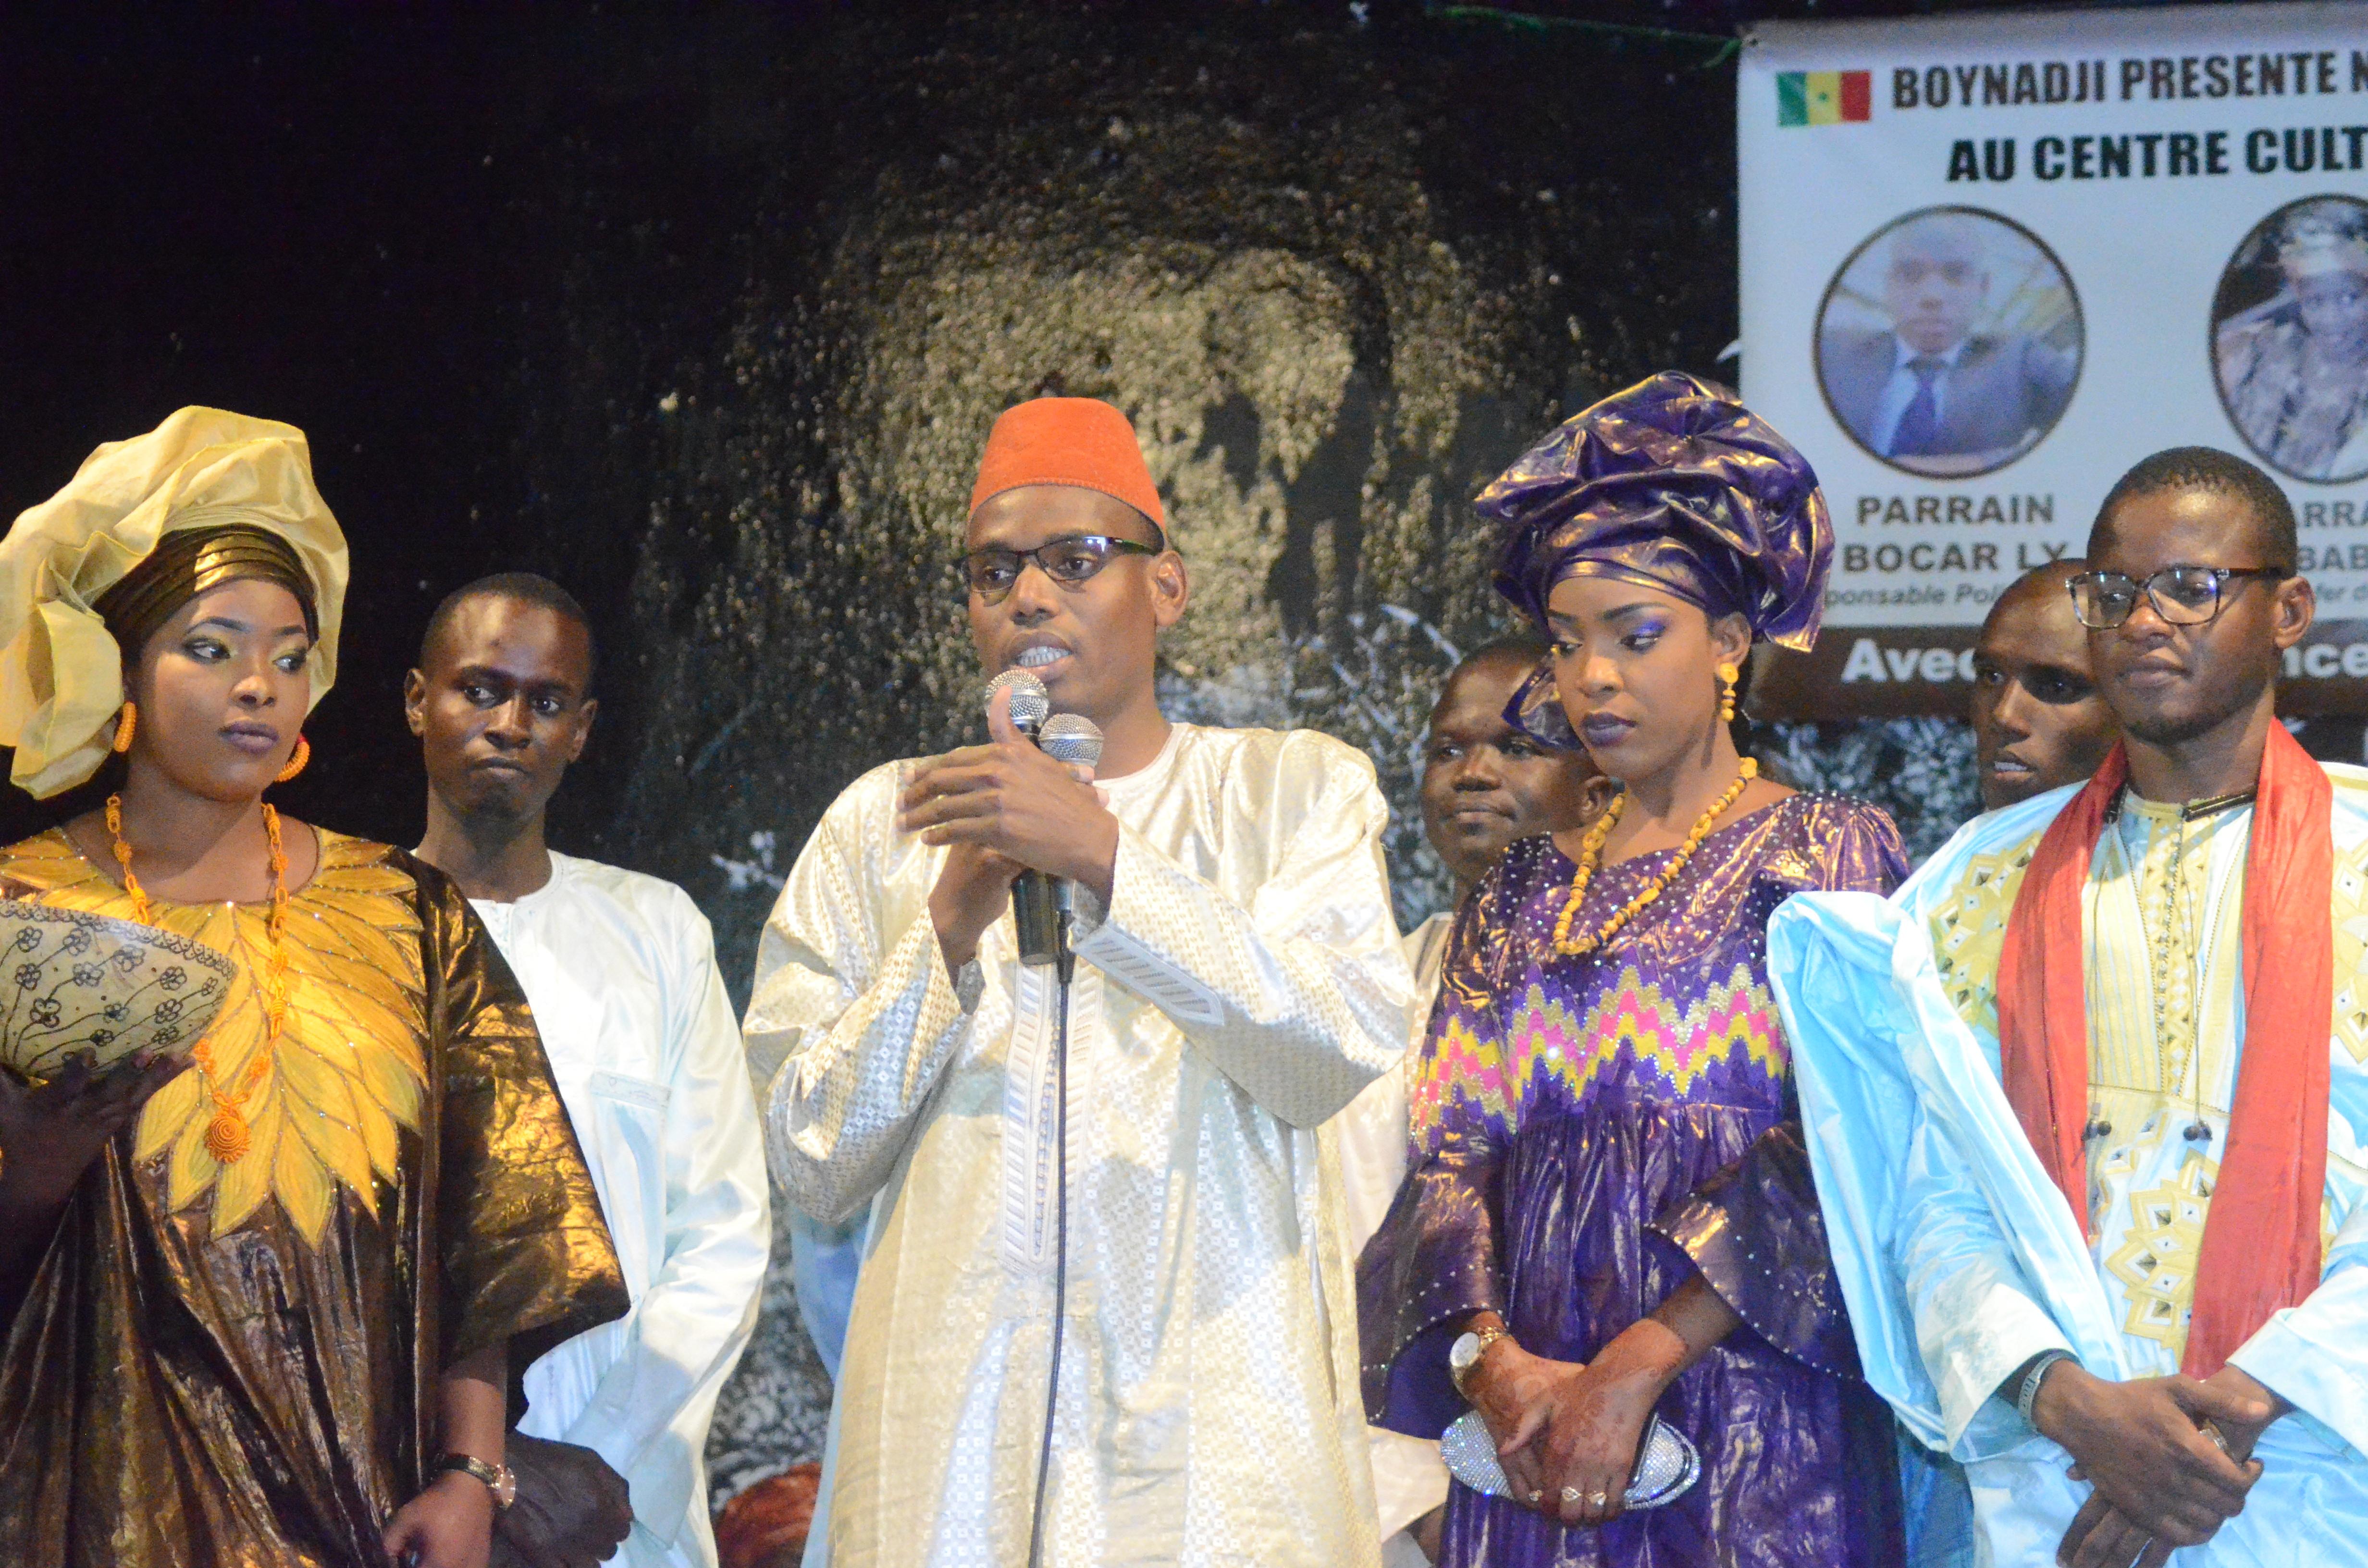 Première Edition soirée culturelle de l'Association Boyinadji Ma fierté de Bokidiawé, le parrain Bocar Abdoulaye Ly appelle à l'union des cœurs (43)